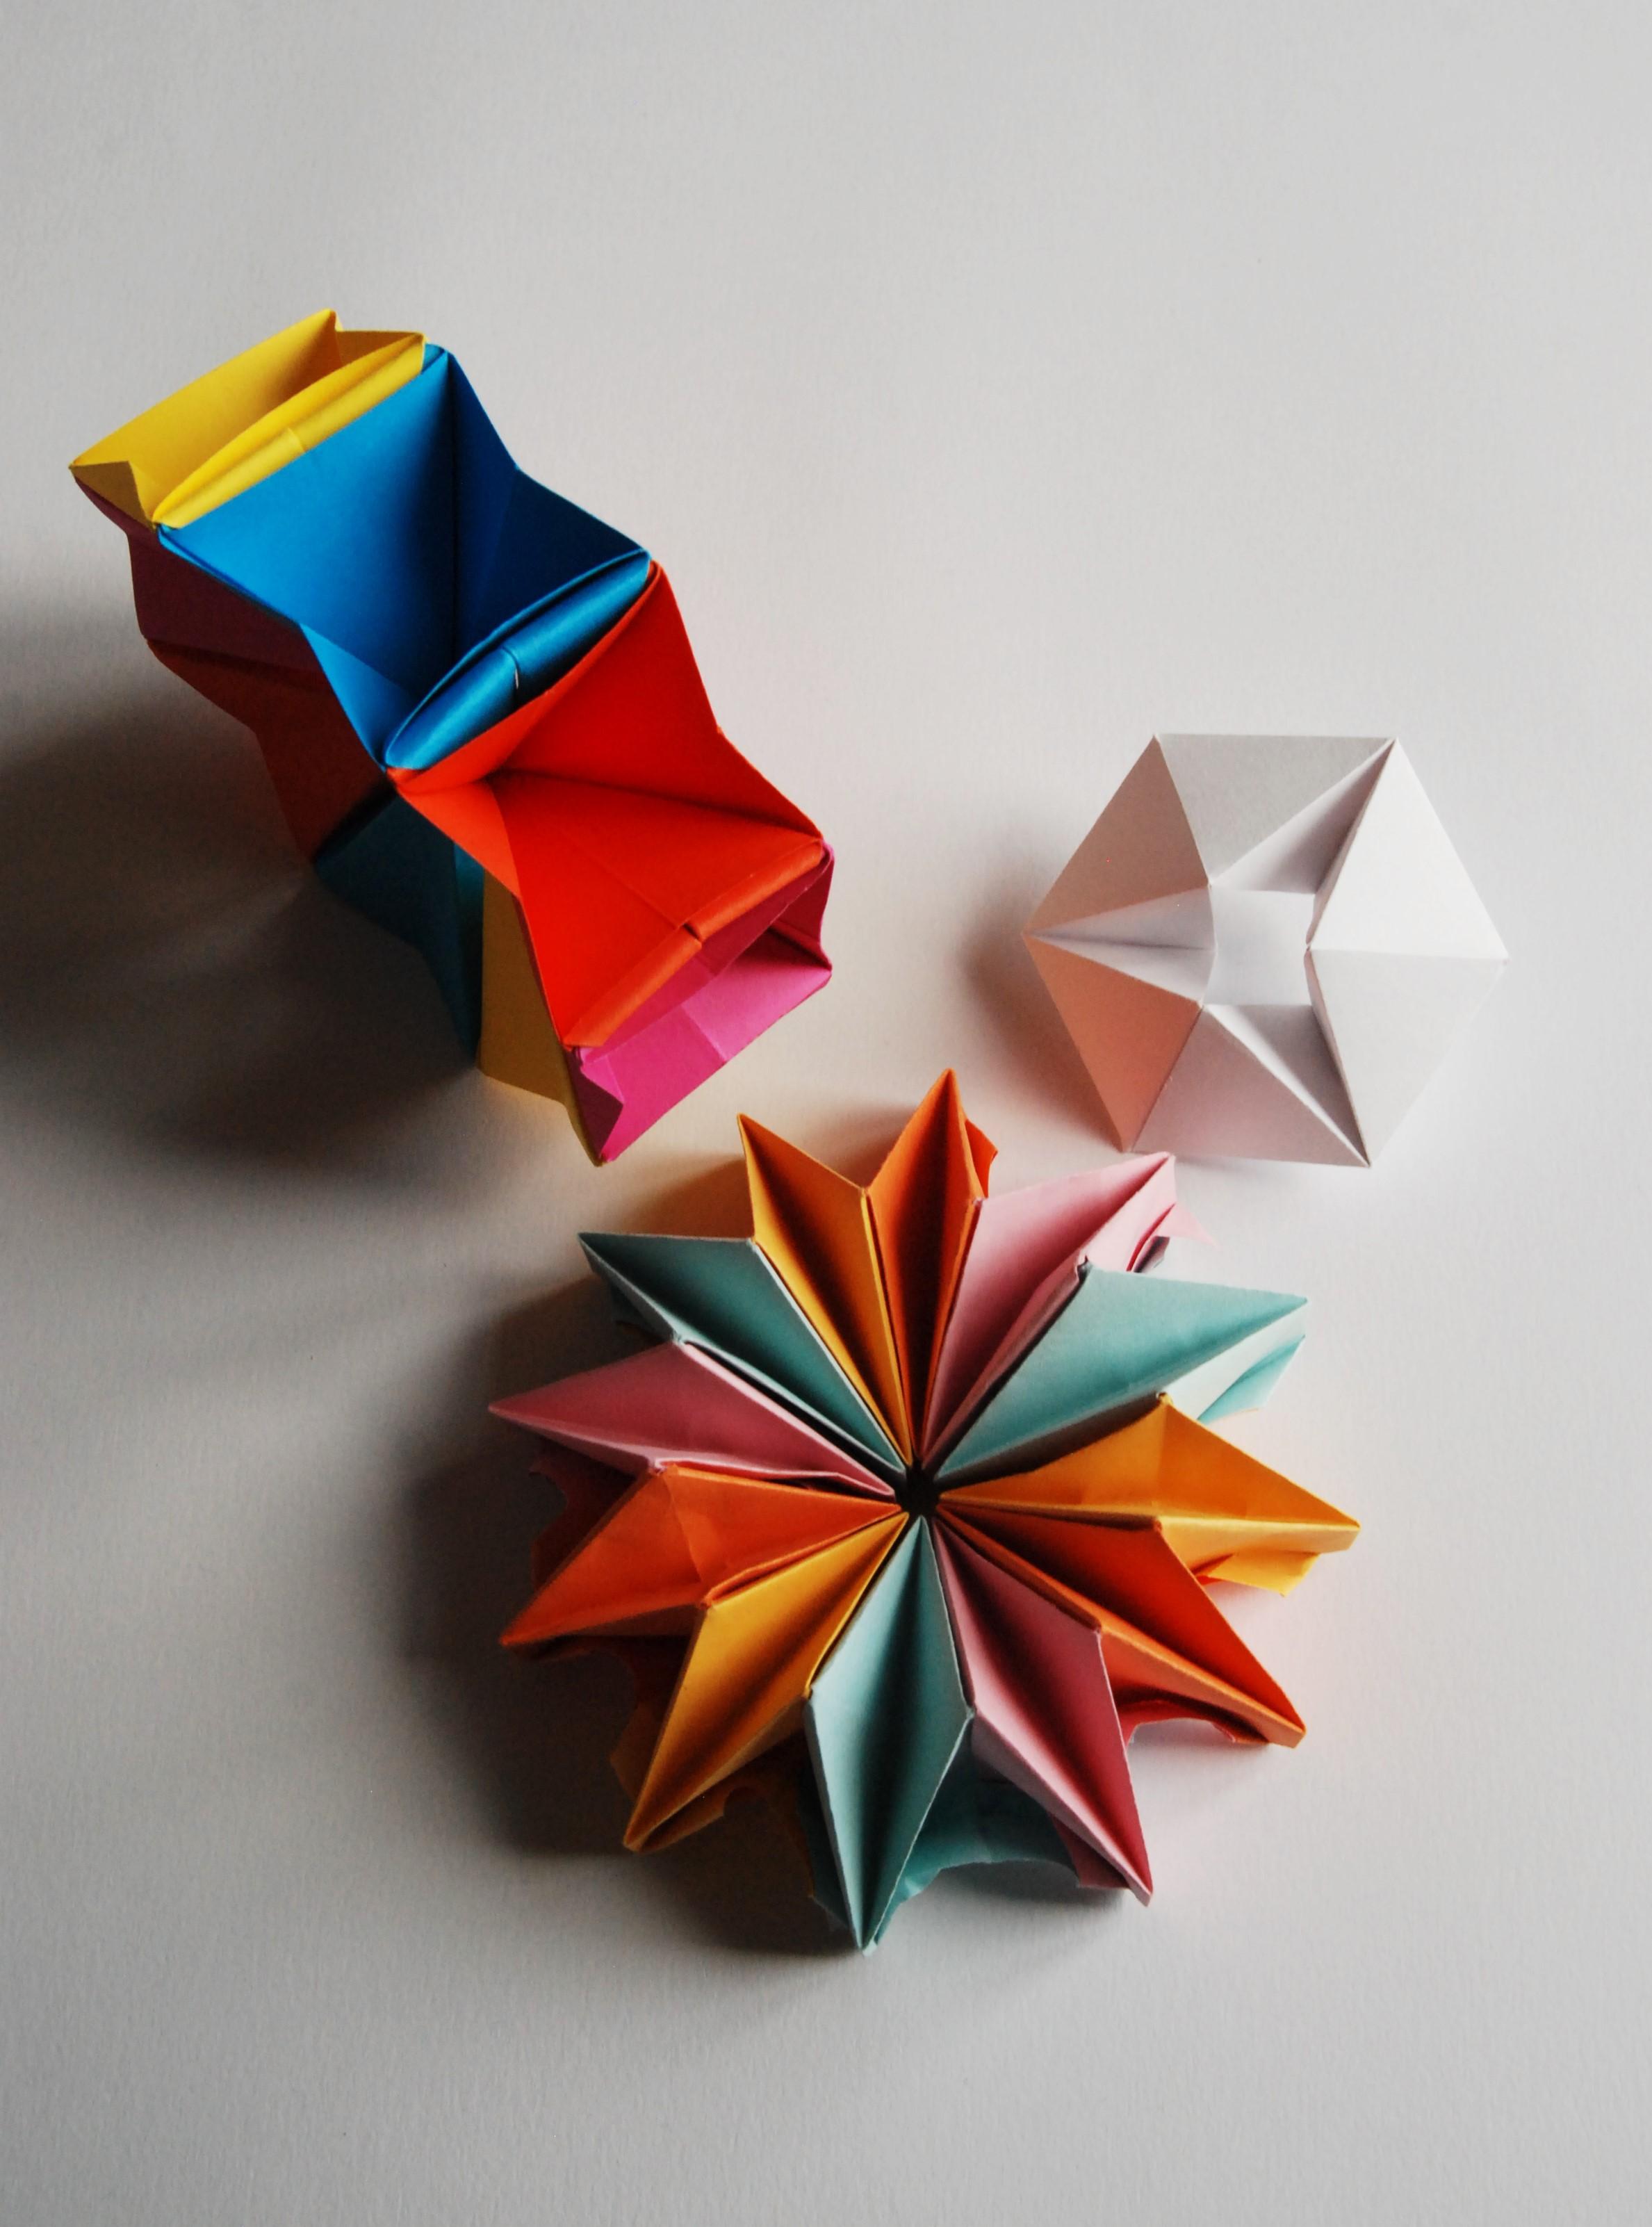 Jouet Modulable 3D papier origami Kaléidoscopes ©-Laure-Devenelle